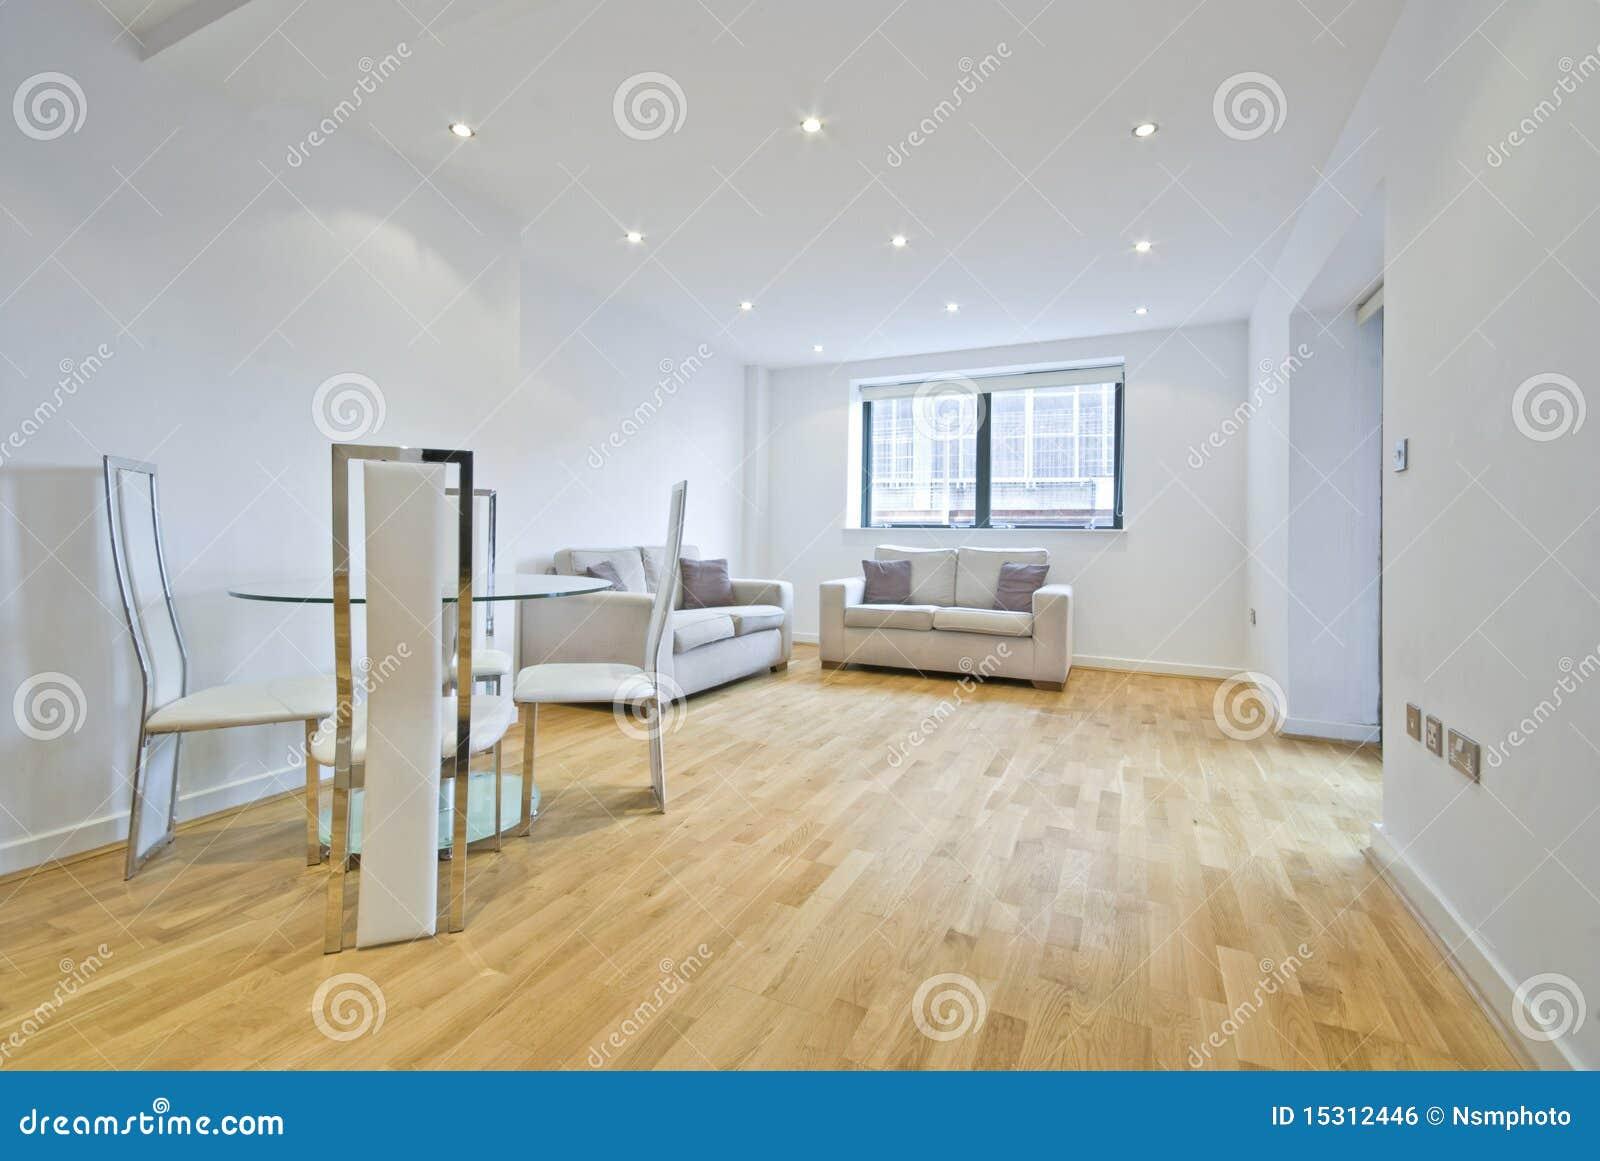 Salle de s jour moderne avec deux sofas dans le beige for Salle sejour moderne